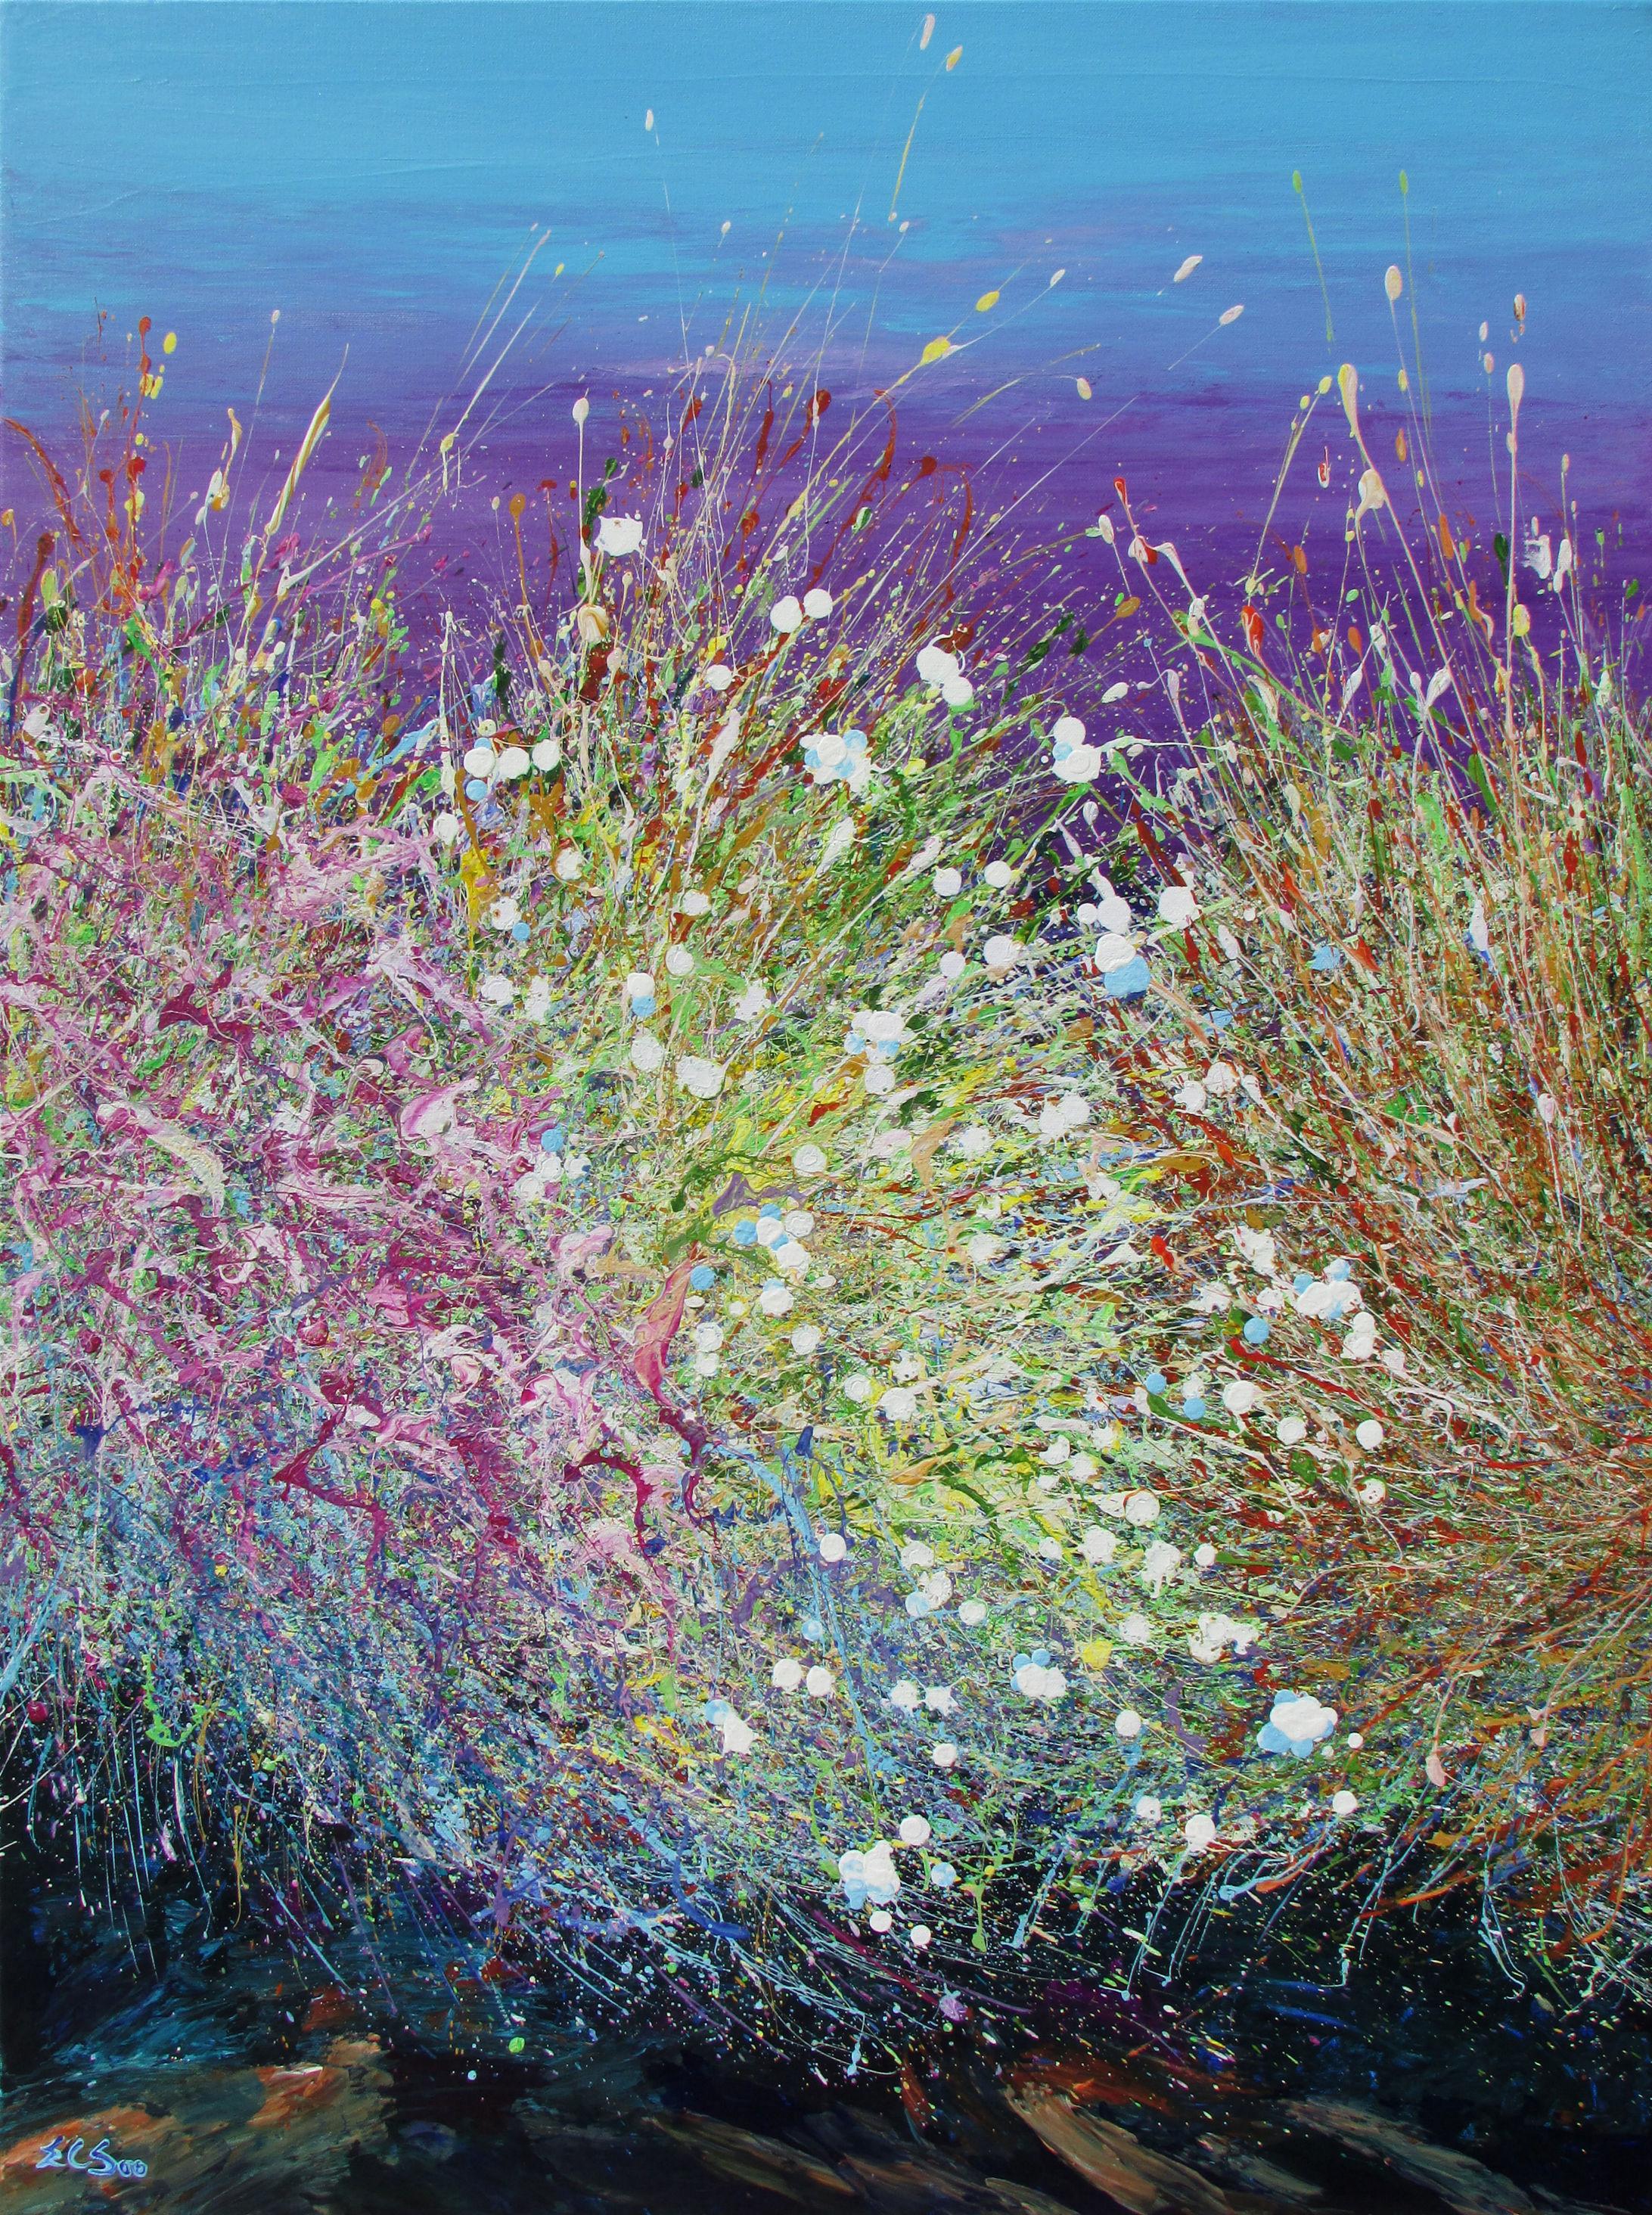 7 desert wildflowers 24 40x30 psbfqc